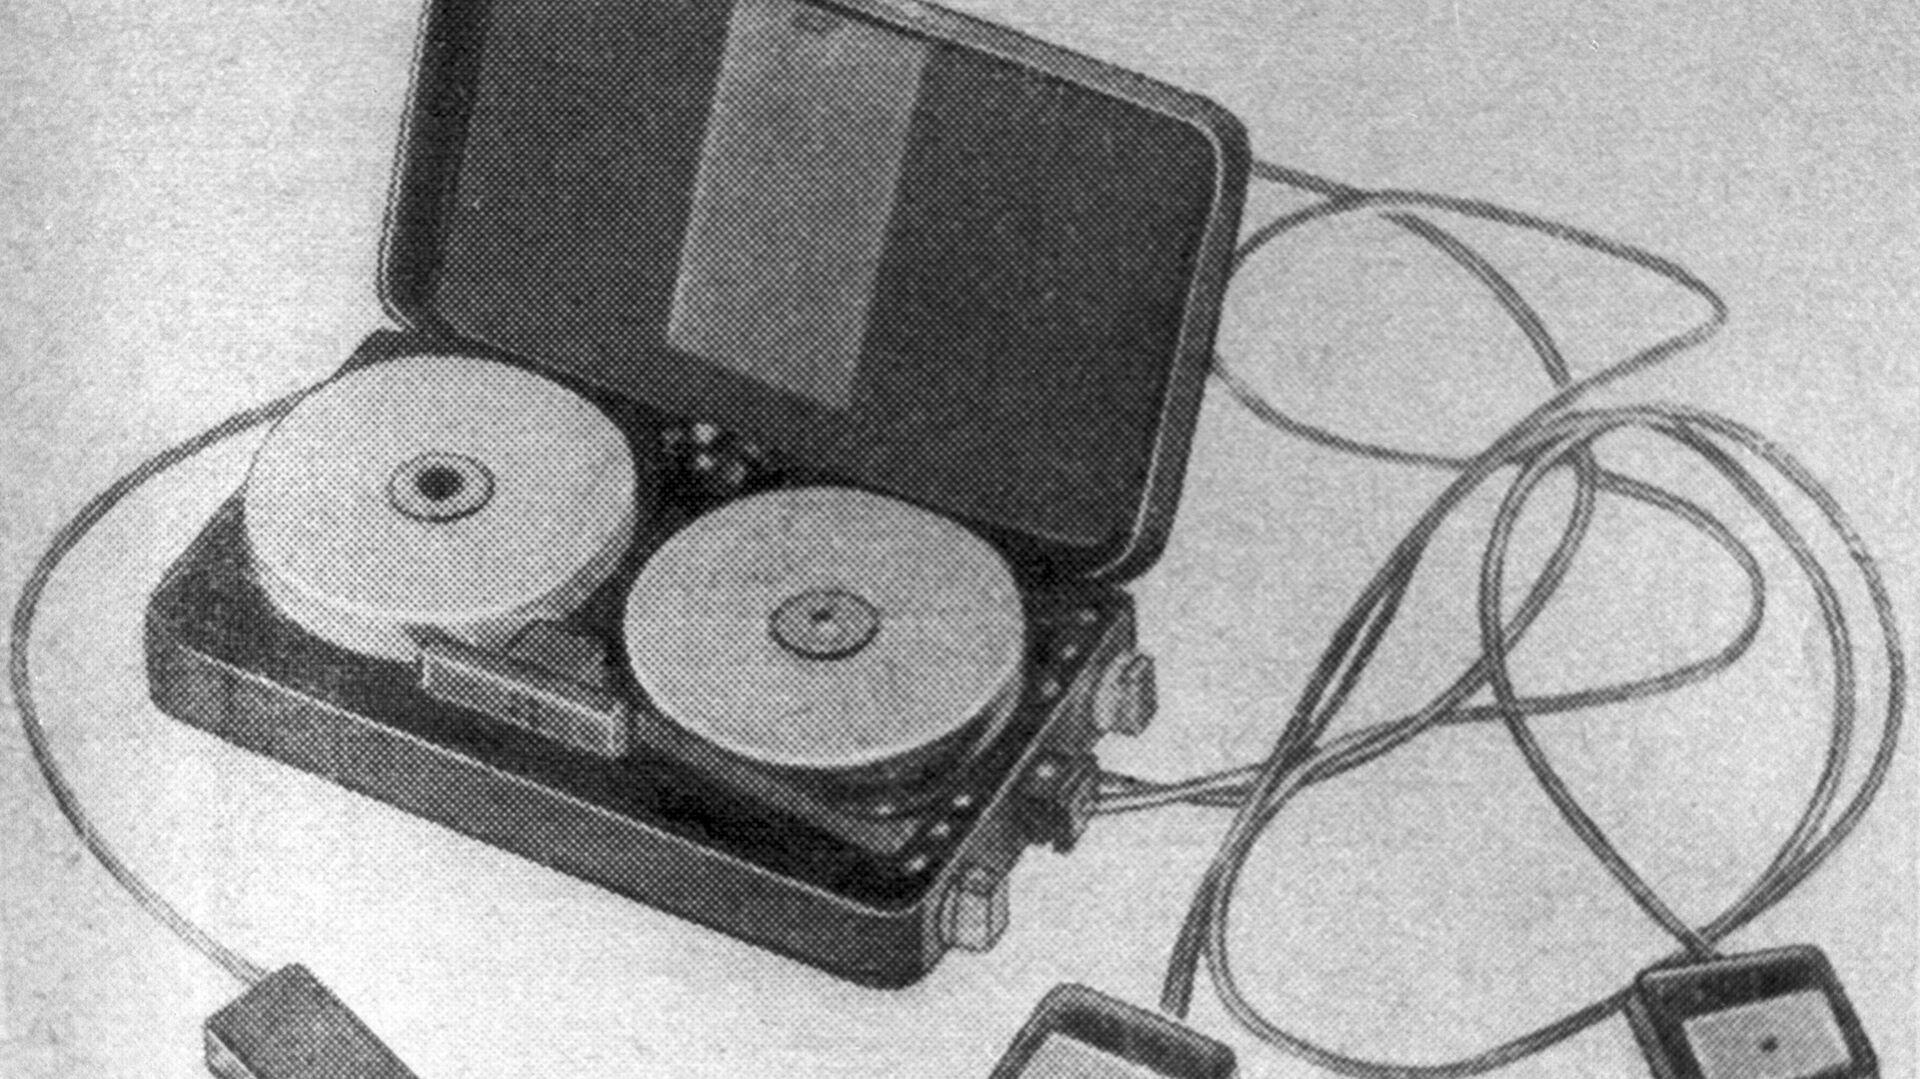 Портативный магнитофон американского шпиона Смита - РИА Новости, 1920, 03.04.2020